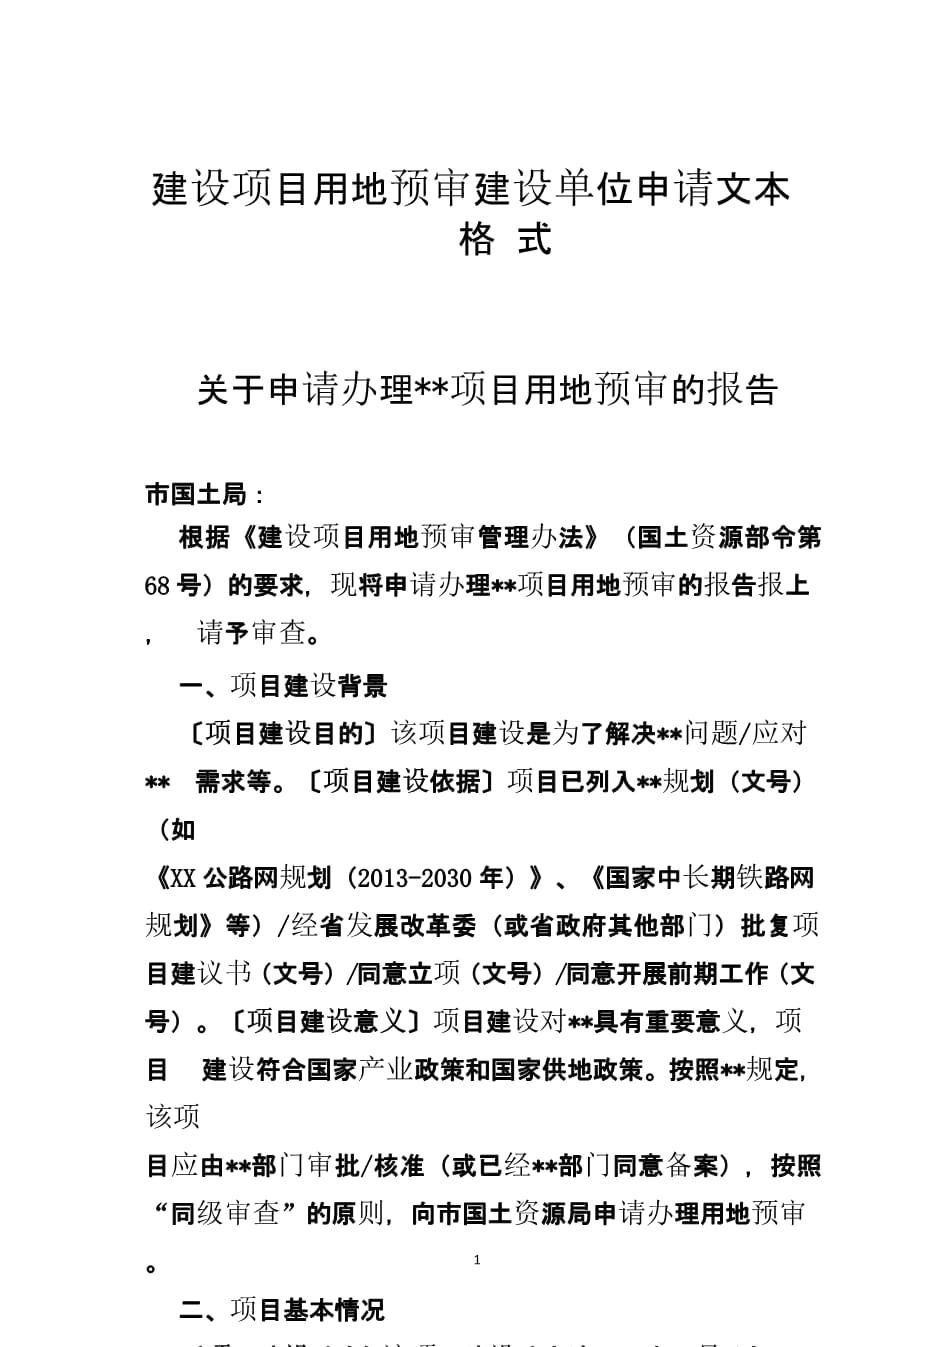 建设项目用地预审申请报告.pptx